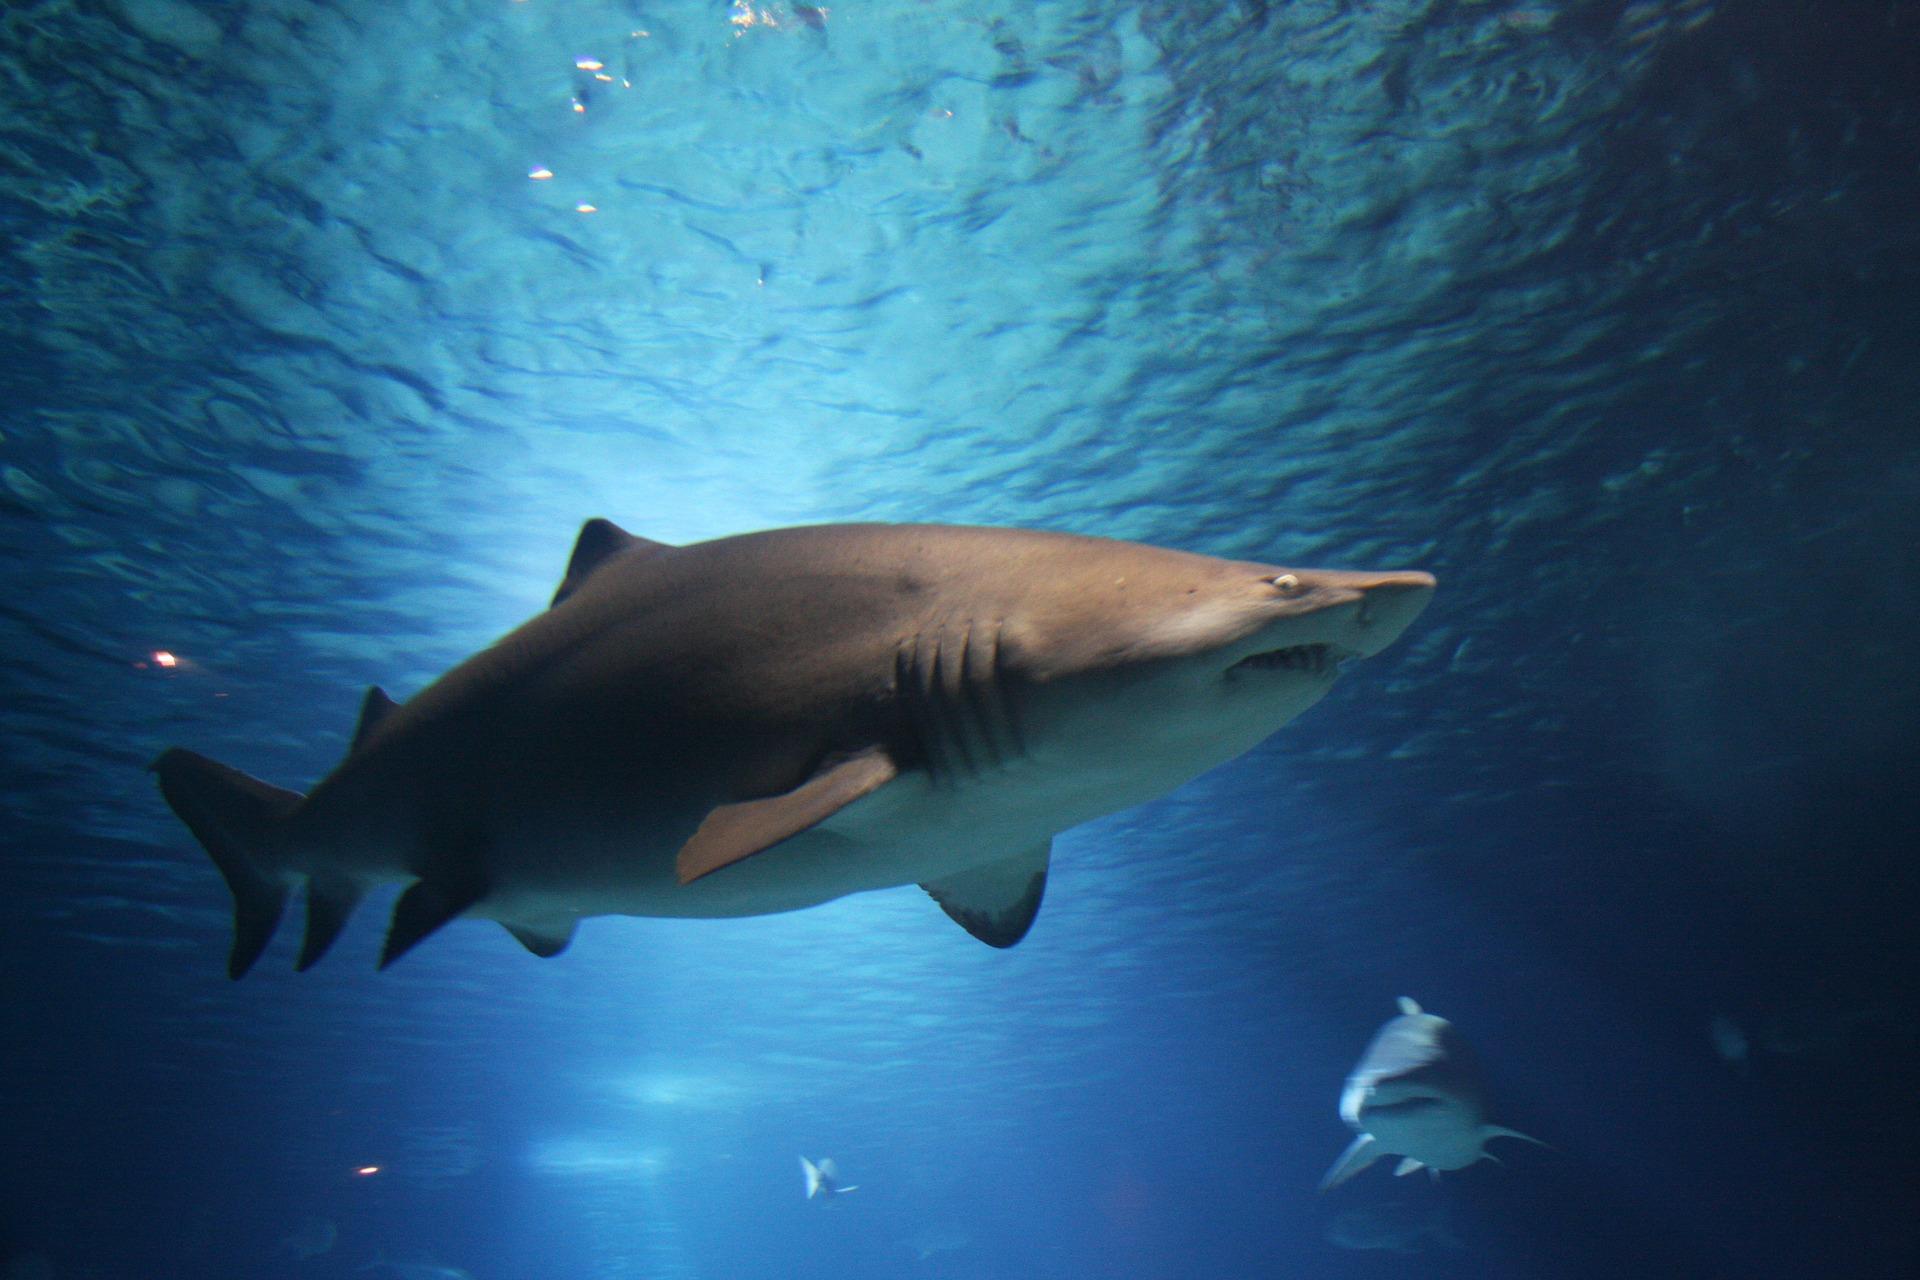 shark-220748_1920.jpg